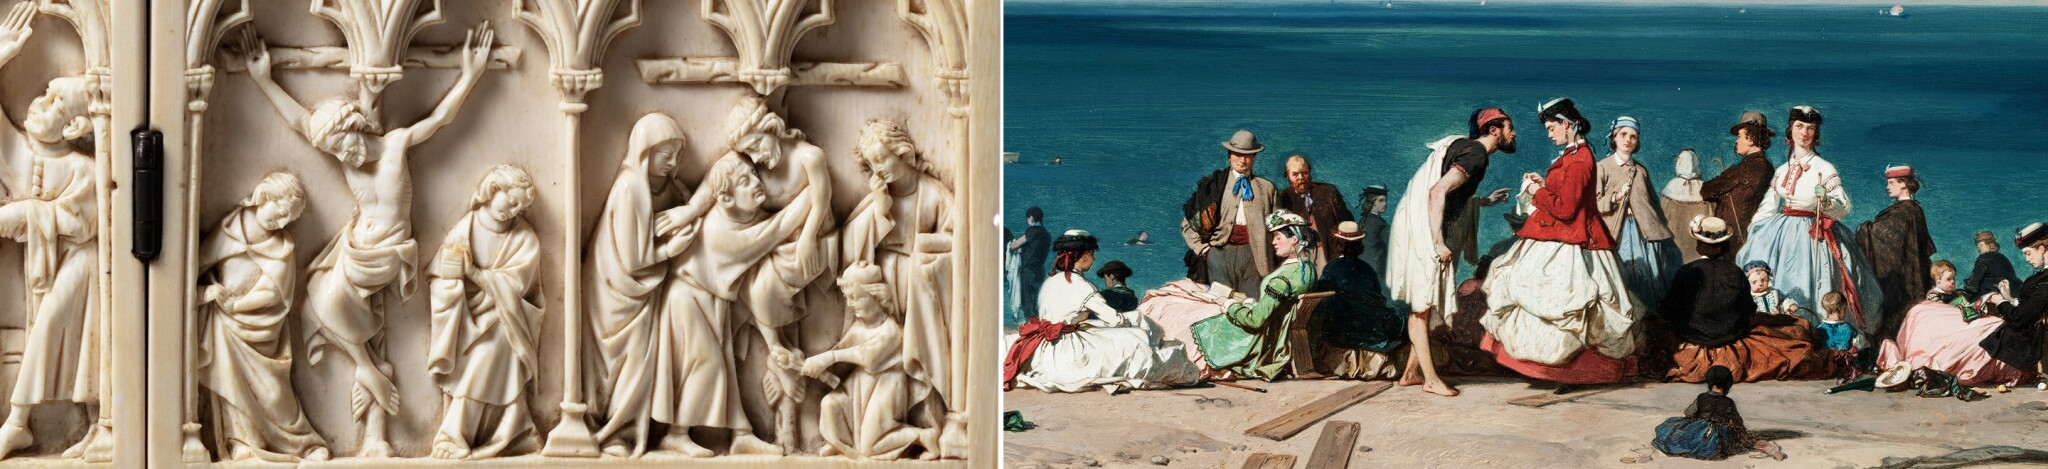 Tableaux Dessins Sculptures 1300-1900